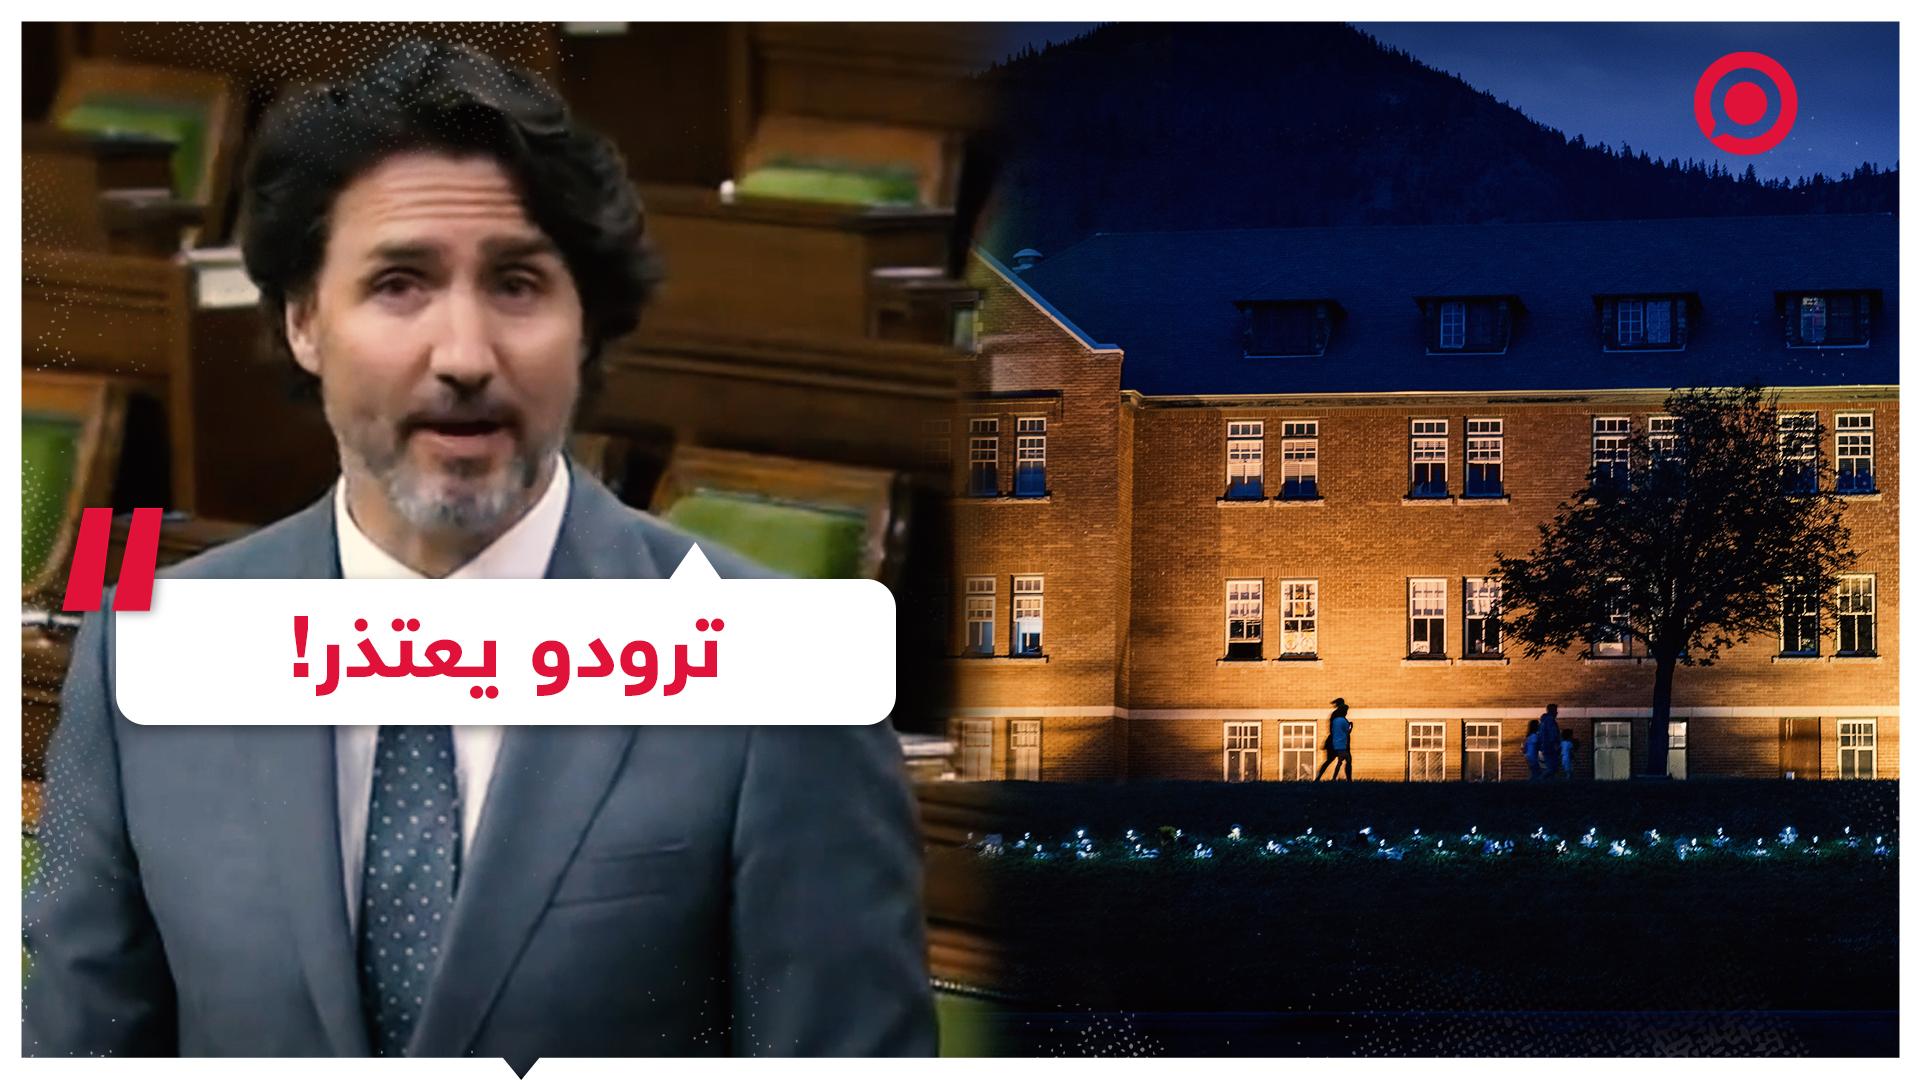 بعد العثور على رفات 215 طفلا.. ترودو يعتذر!